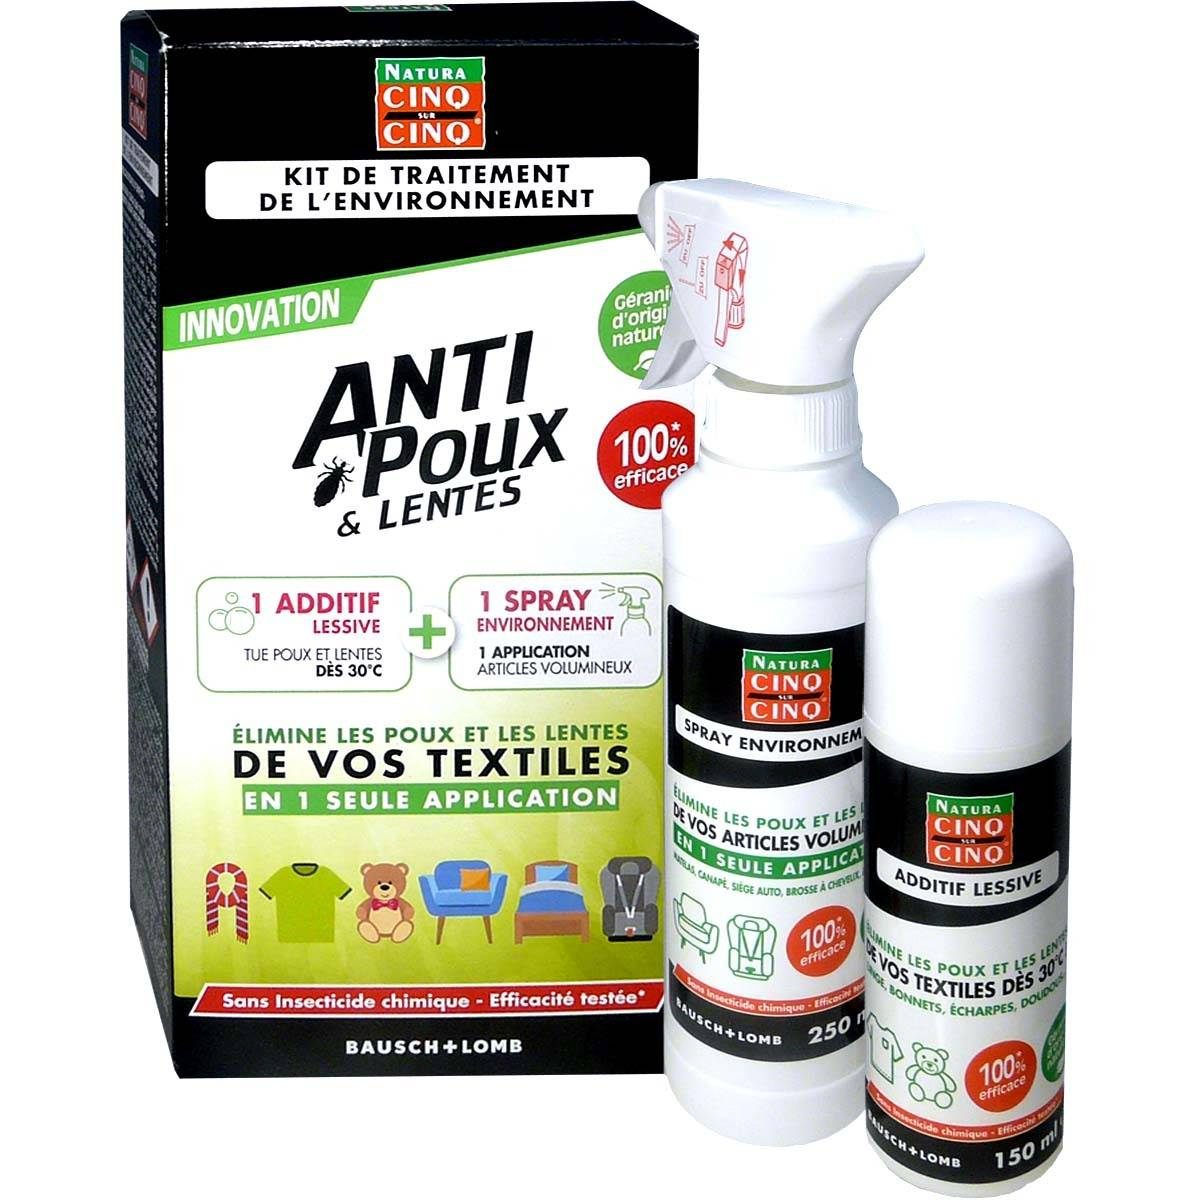 Cinq sur cinq natura anti-poux kit de traitement environnement